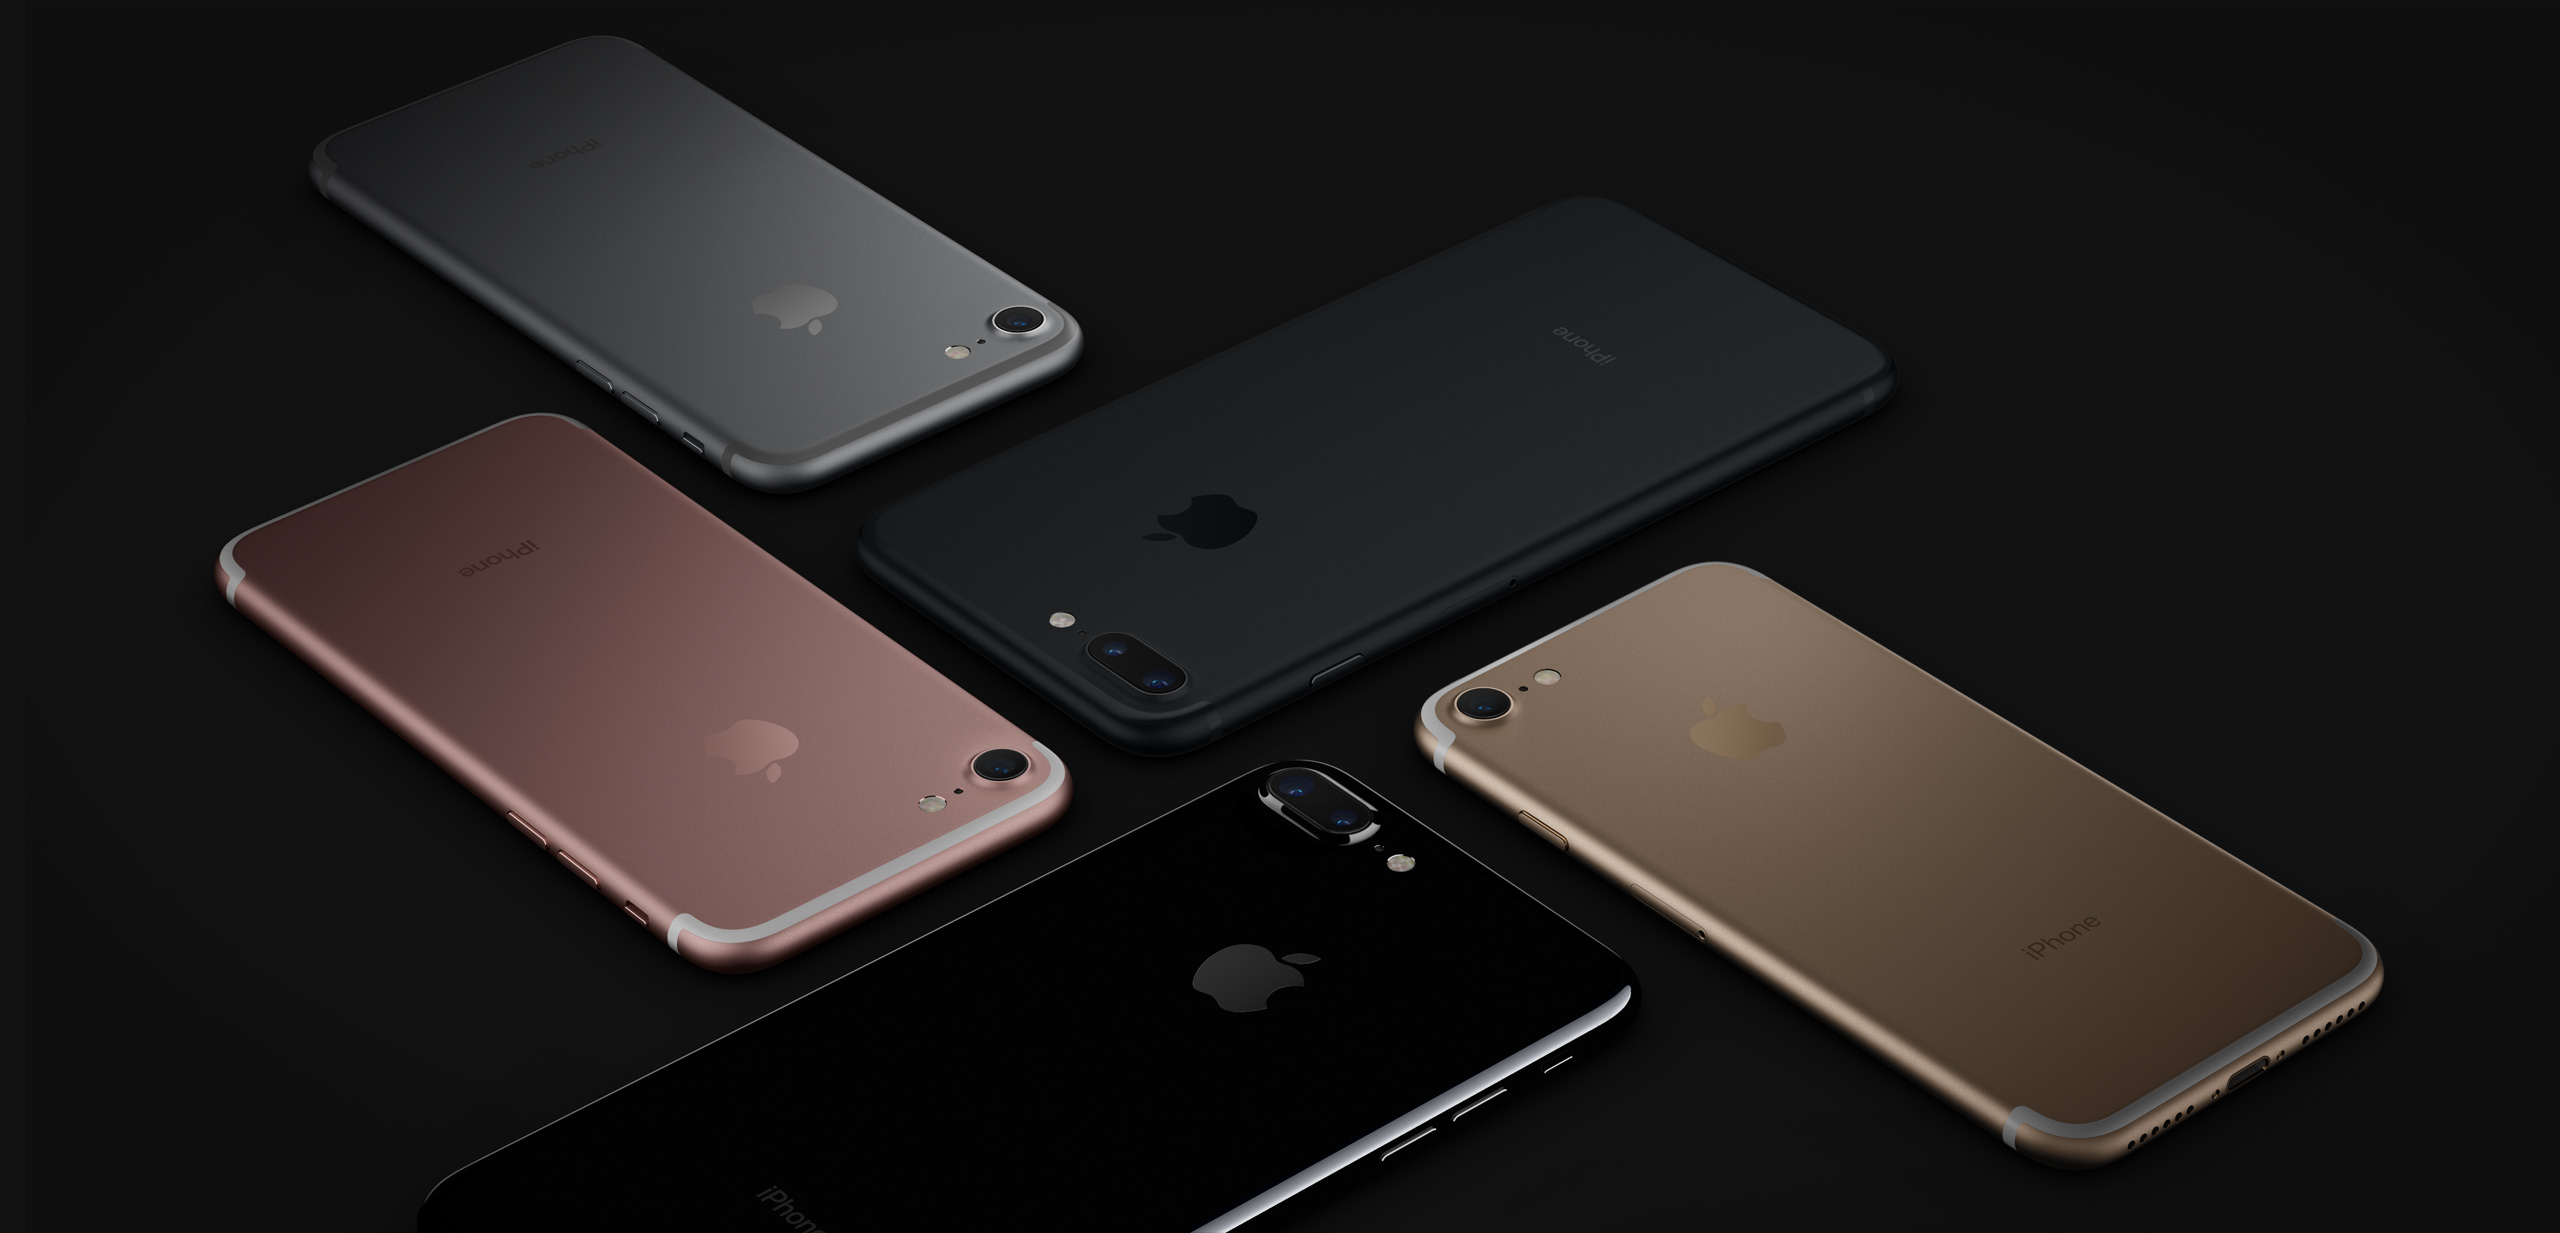 Iphone7andplus